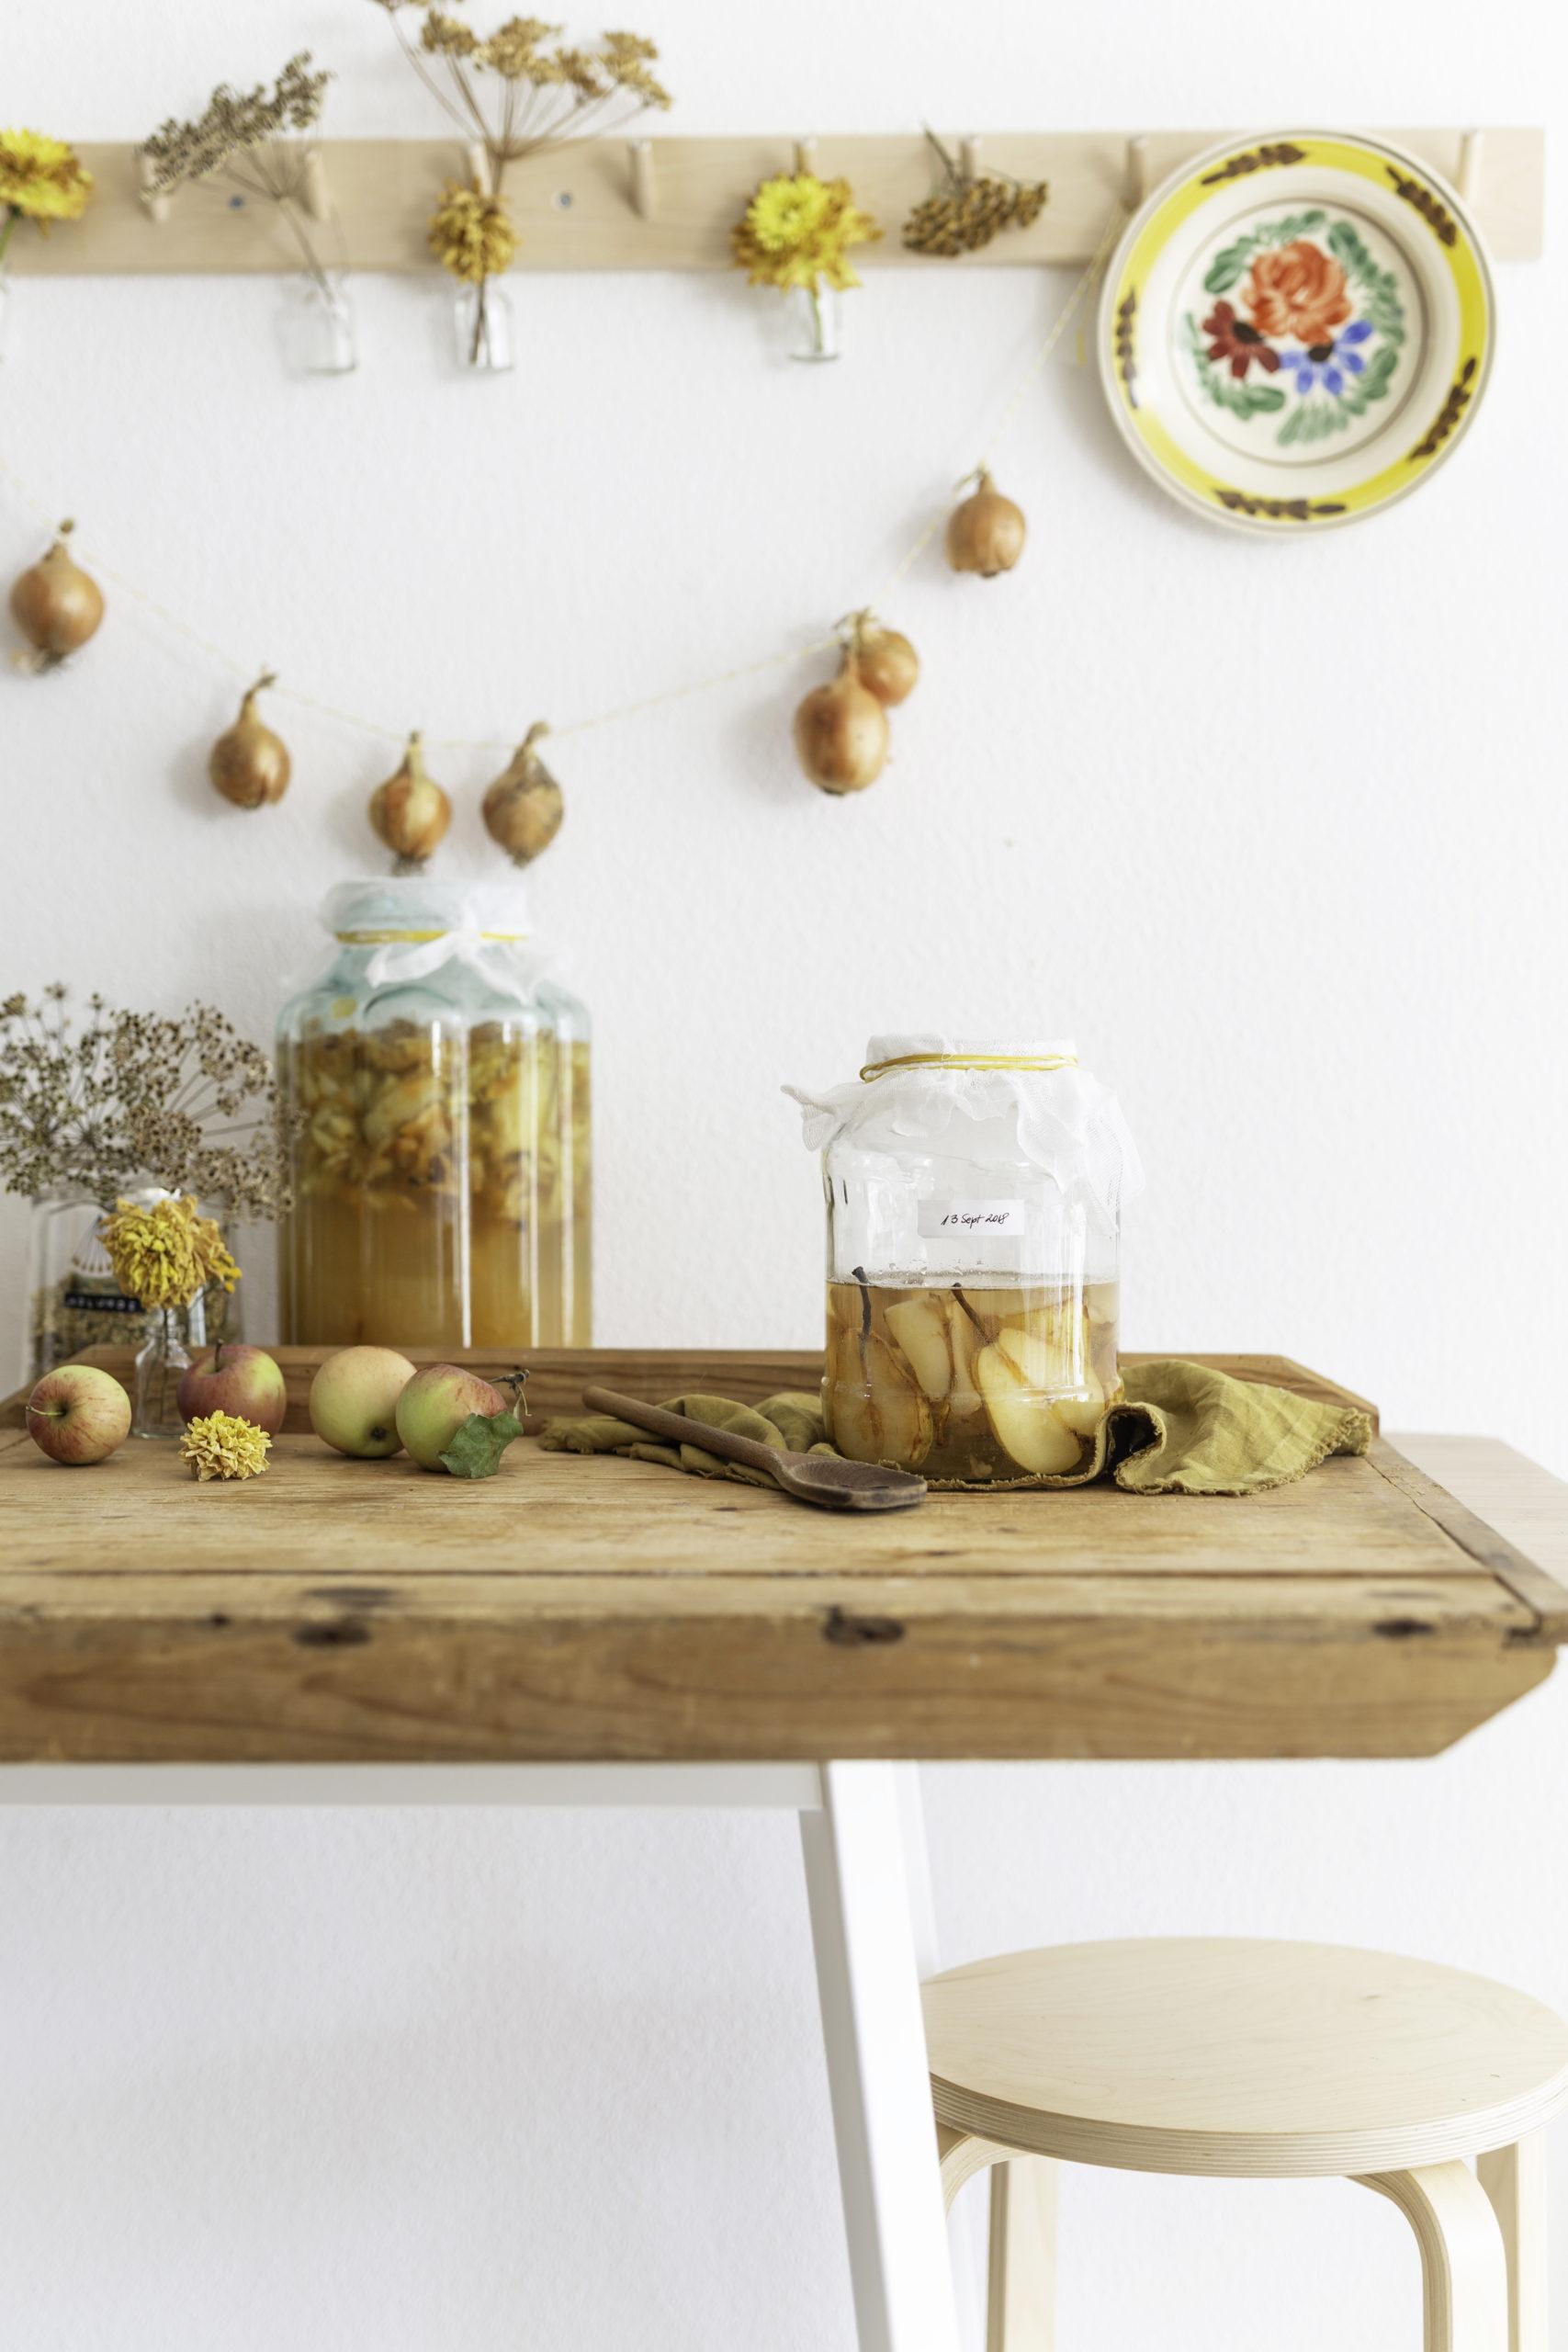 Apfelessig selber machen - Einfaches Rezept (Teil 1) - Lose Äpfel und Essigglas auf einem Holztisch vor weißer Wand mit Blumen und Zwiebel-Girlande | Syl Gervais - Vegane Rezepte